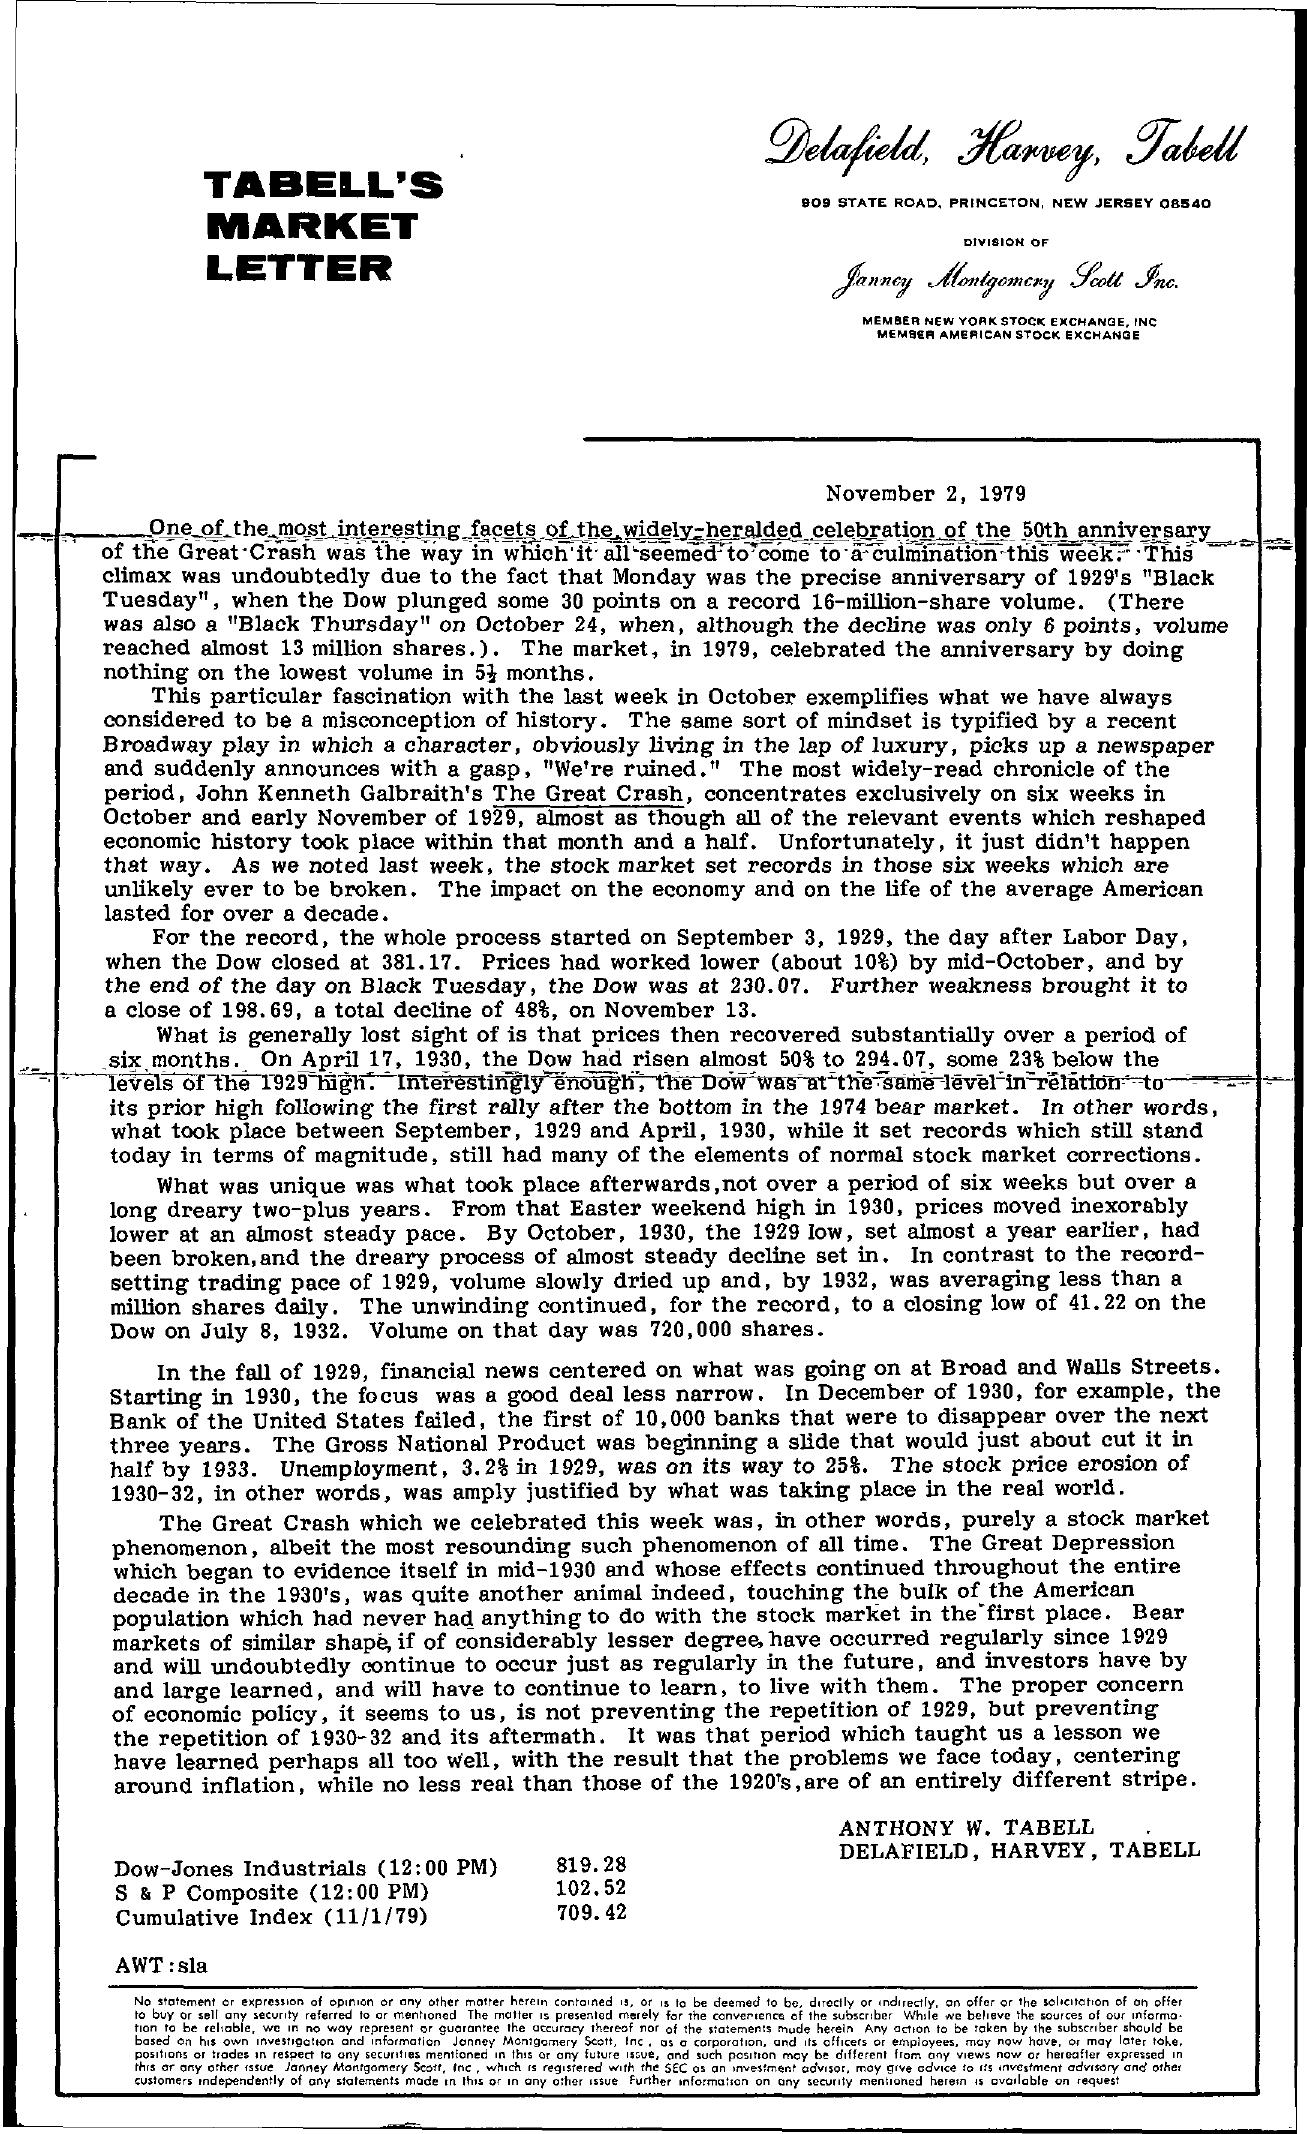 Tabell's Market Letter - November 02, 1979